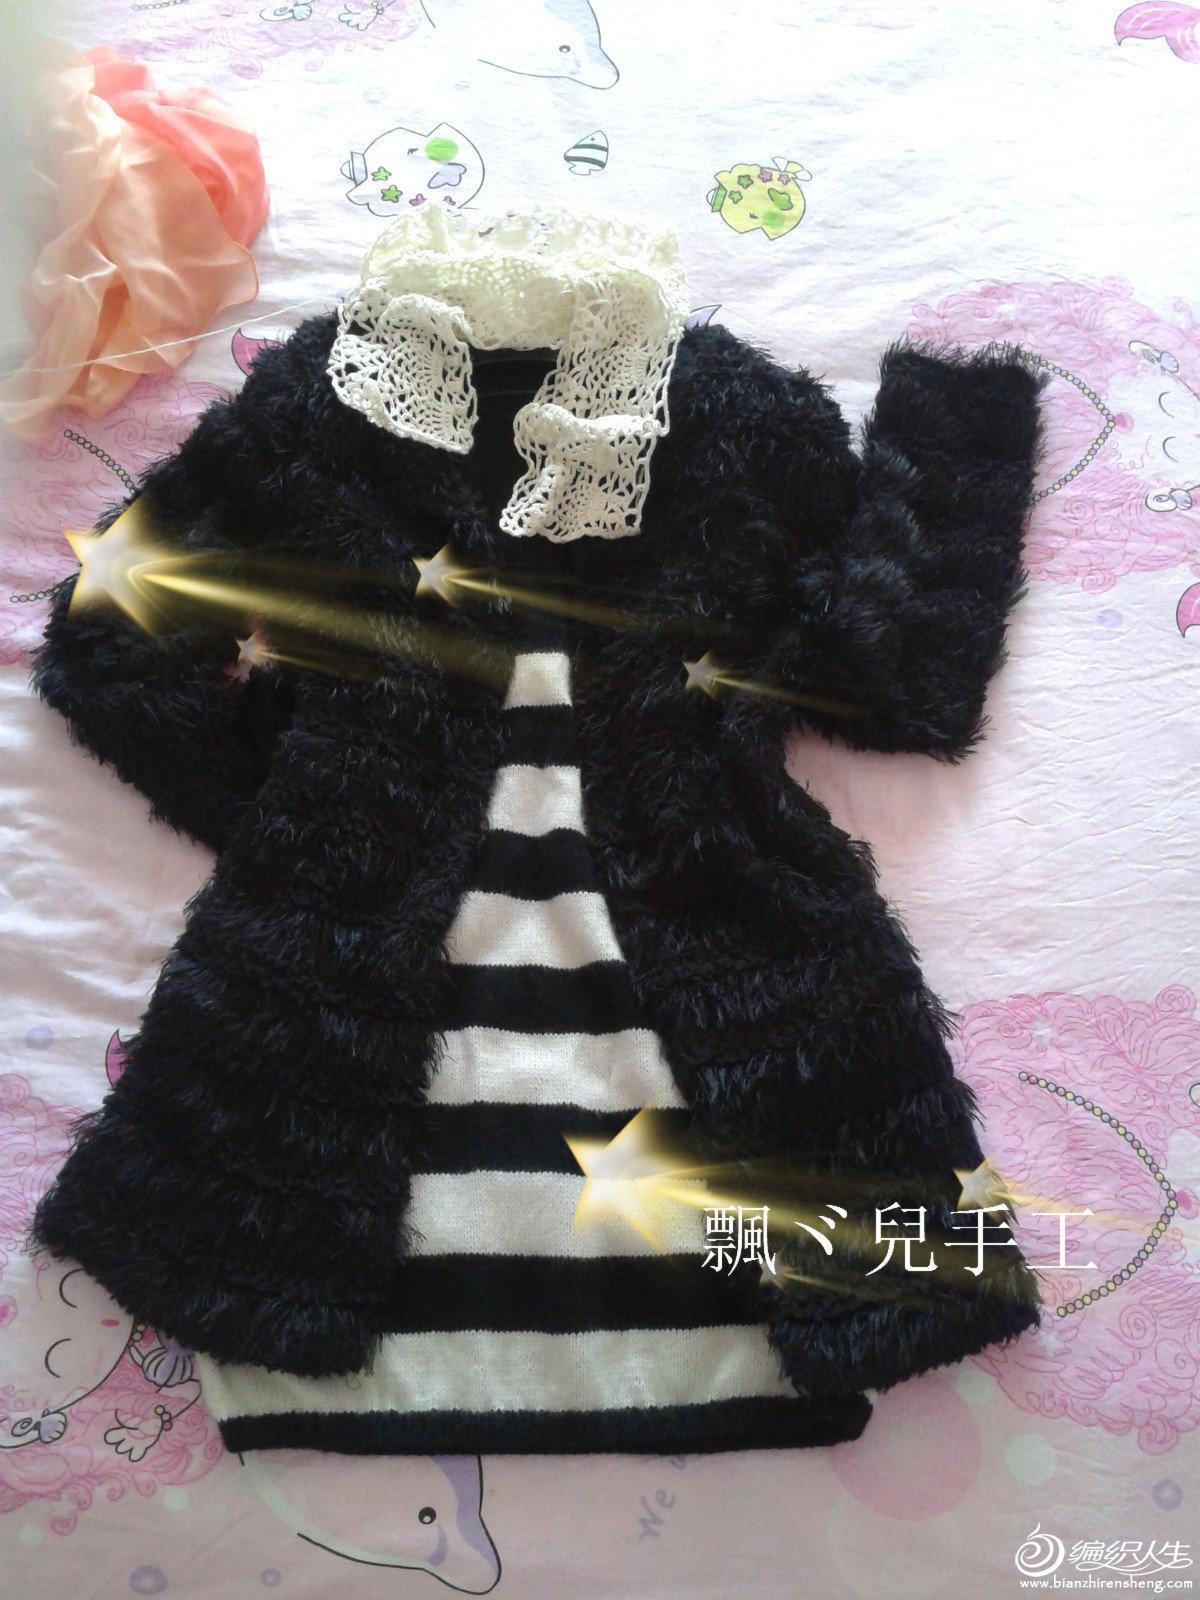 2012-11-04 11.38.02_meitu_3.jpg